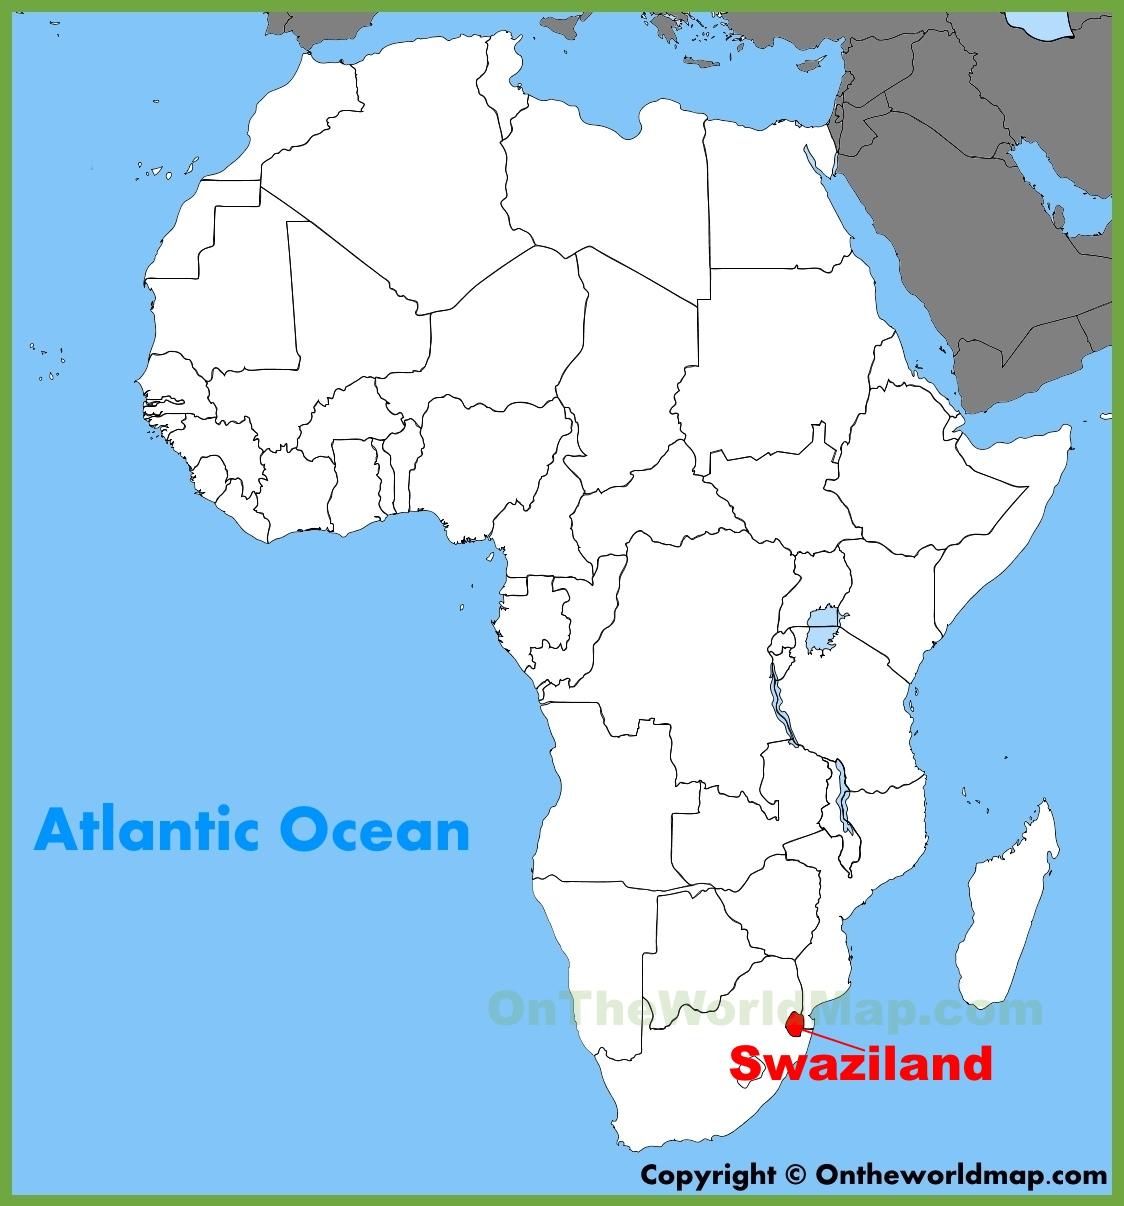 تغییر نام رسمی پادشاهی مطلقه سوازیلند به